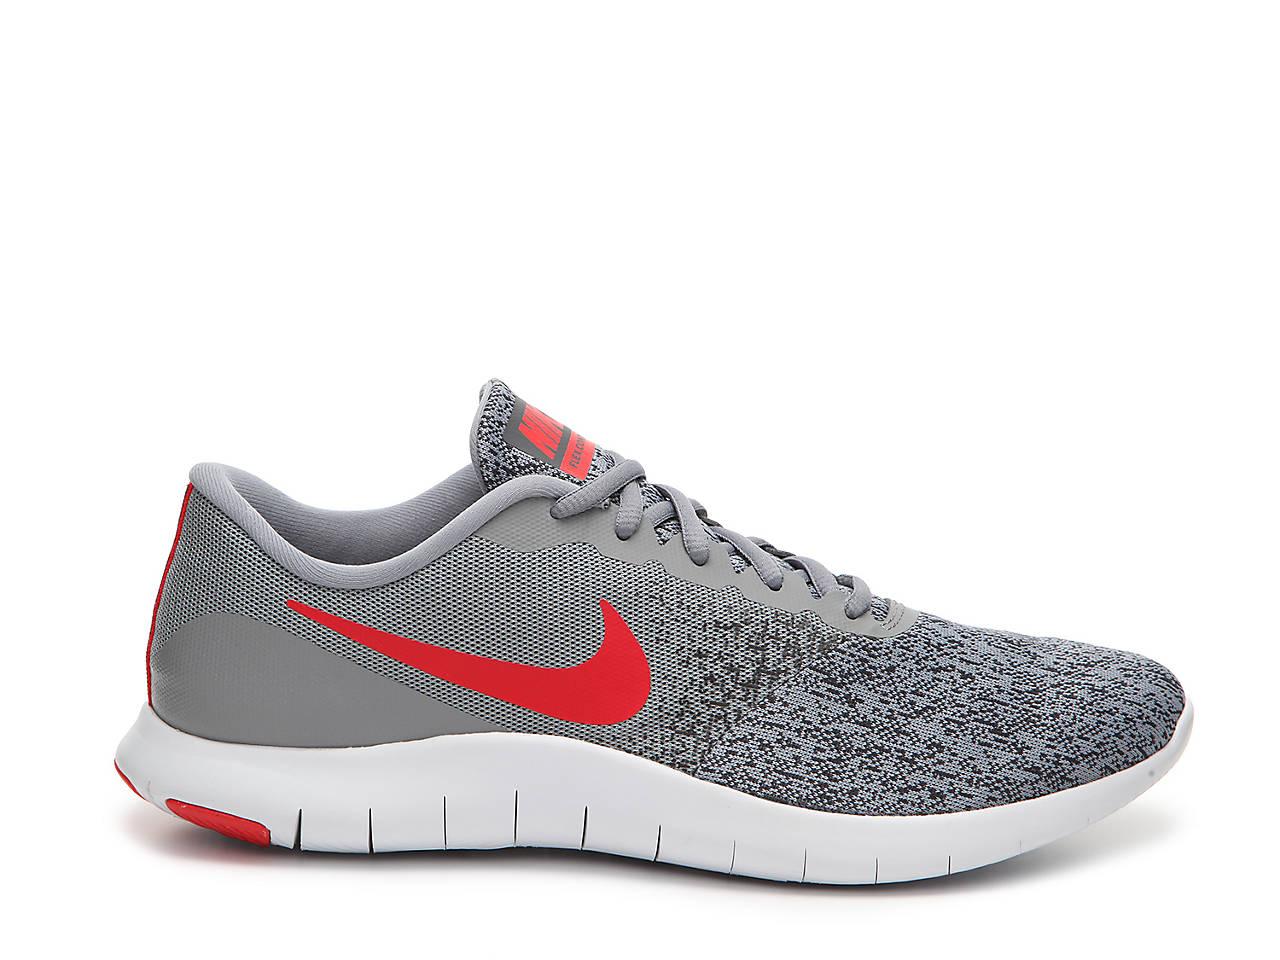 e6b3c52a2d20 Nike Flex Contact Lightweight Running Shoe - Men s Men s Shoes